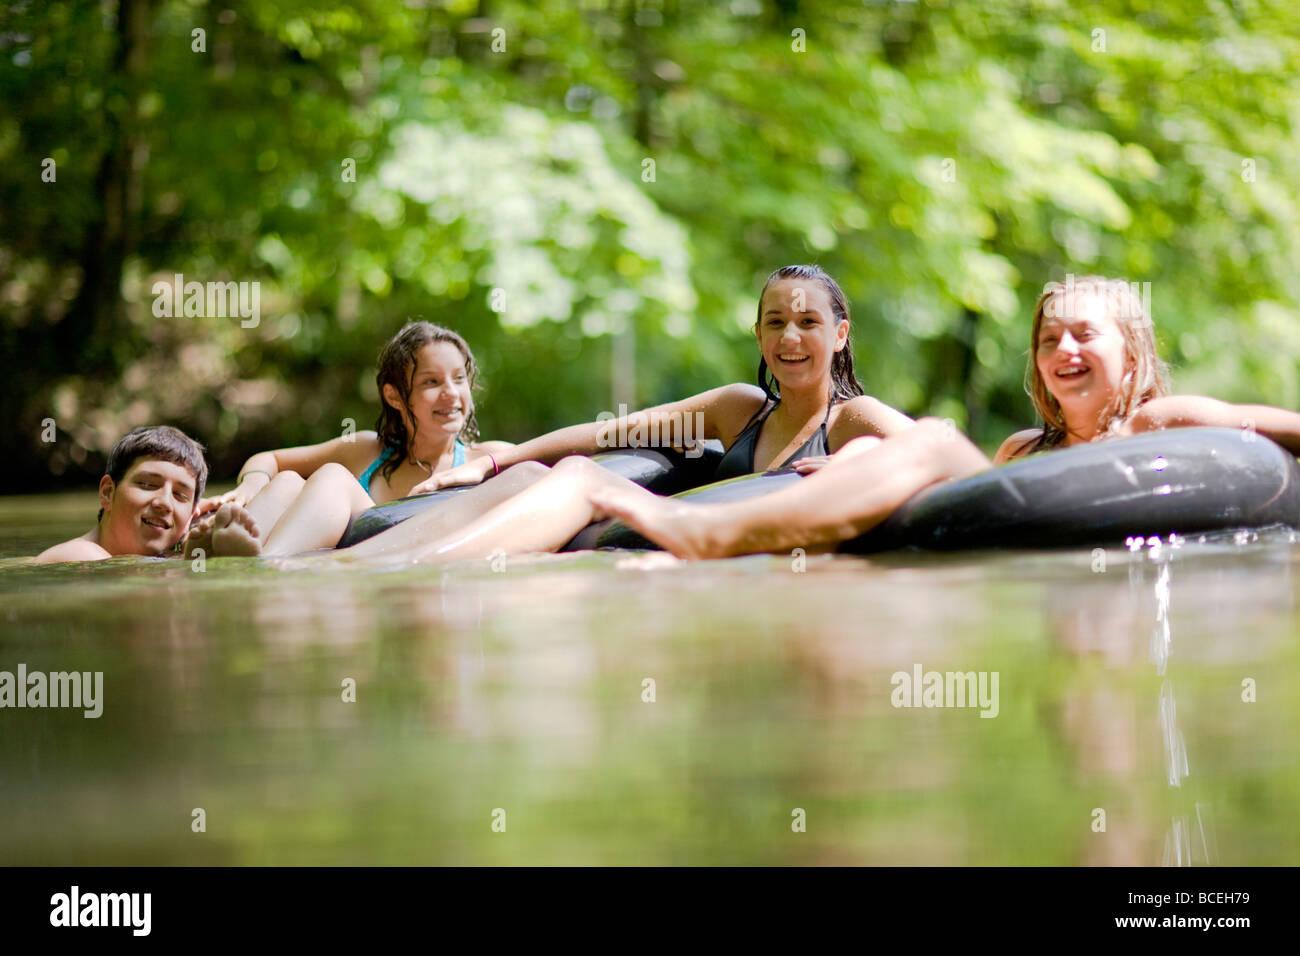 Jugendliche sitzen in Innertubes im Wasser Stockbild